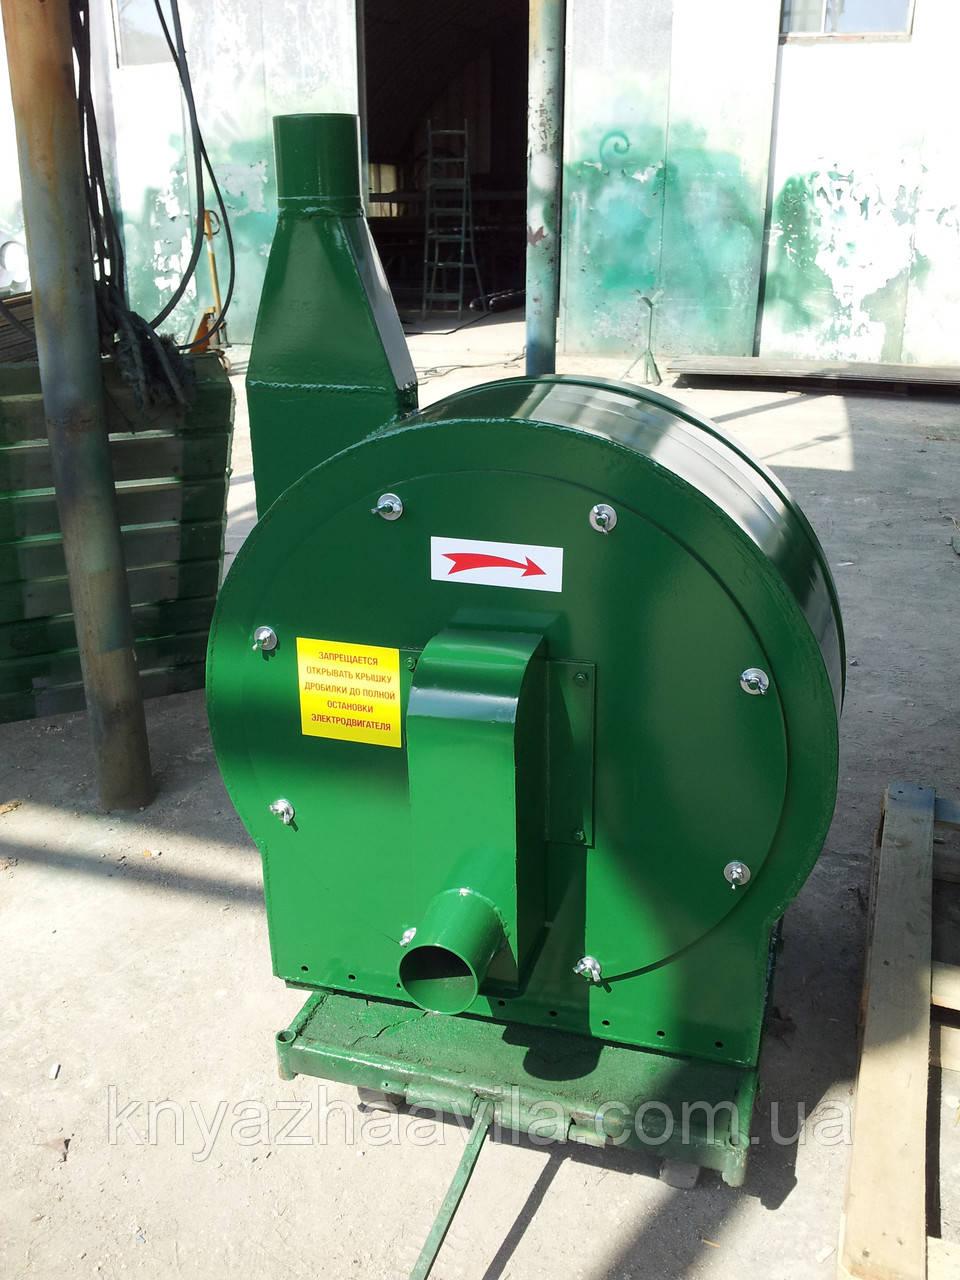 Дробилка молотковая нагнетательная ДМ-003-ПП, 22кВт